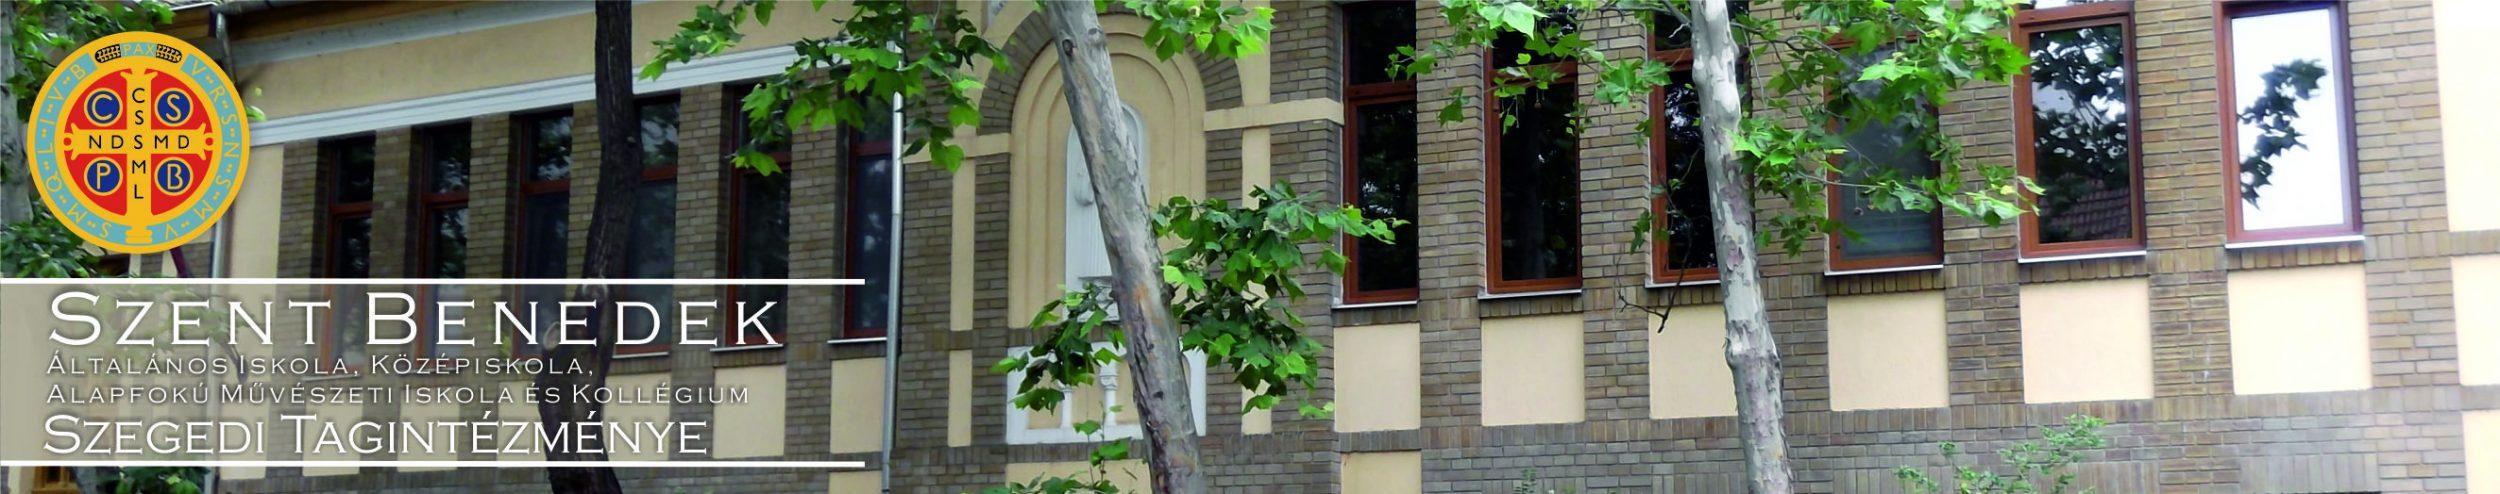 Szent Benedek Középiskola és Alapfokú Művészeti Iskola Szegedi Tagintézménye